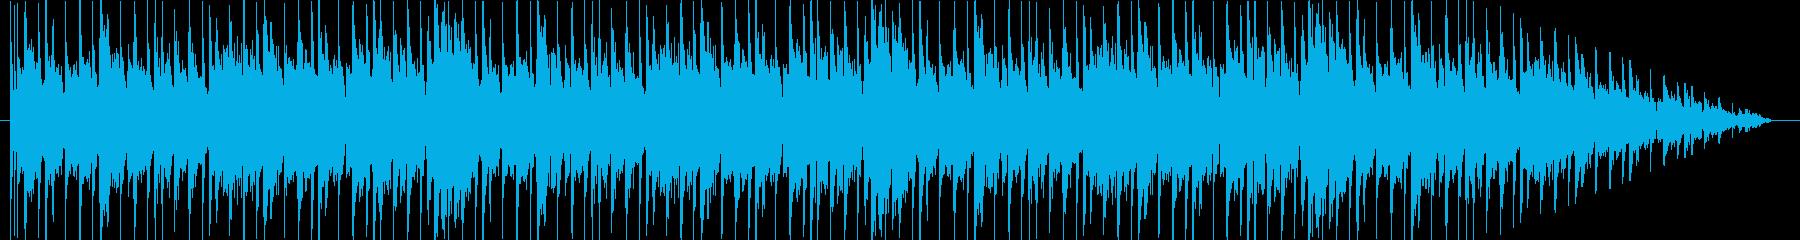 キャッチーな歌、ポジティブ。の再生済みの波形